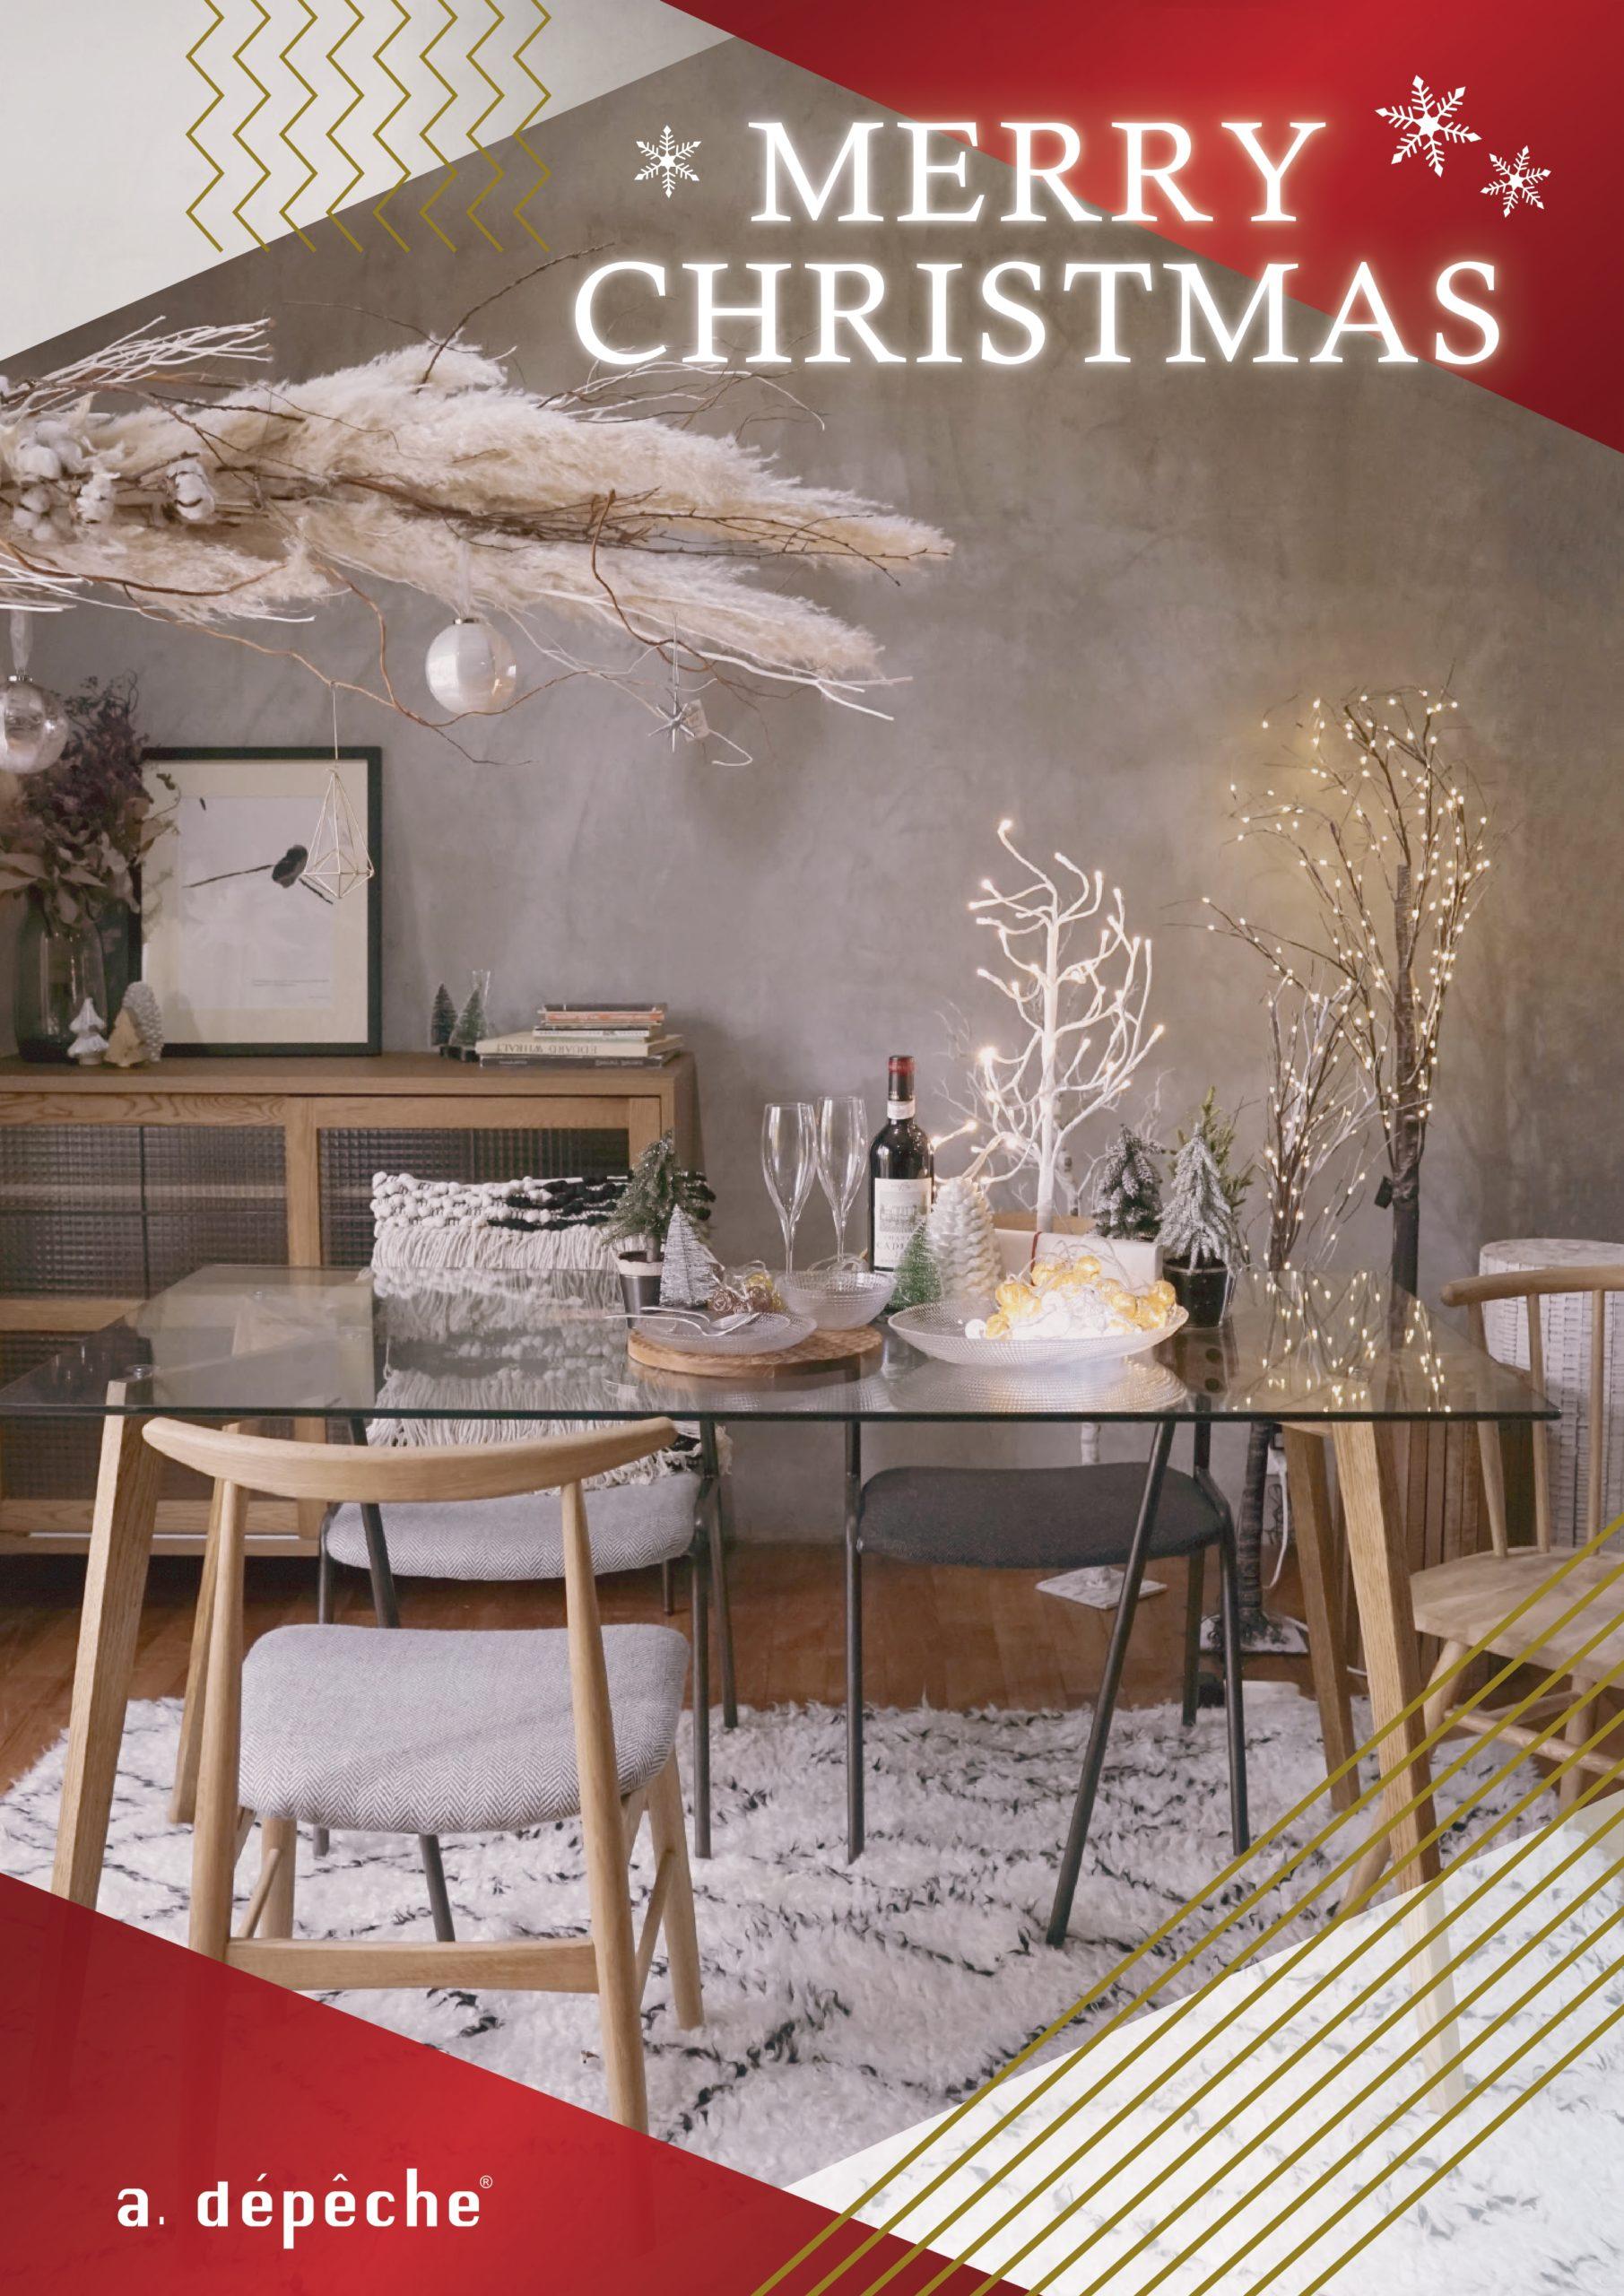 冬を彩るクリスマスグッズがお求めやすい価格になって販売!